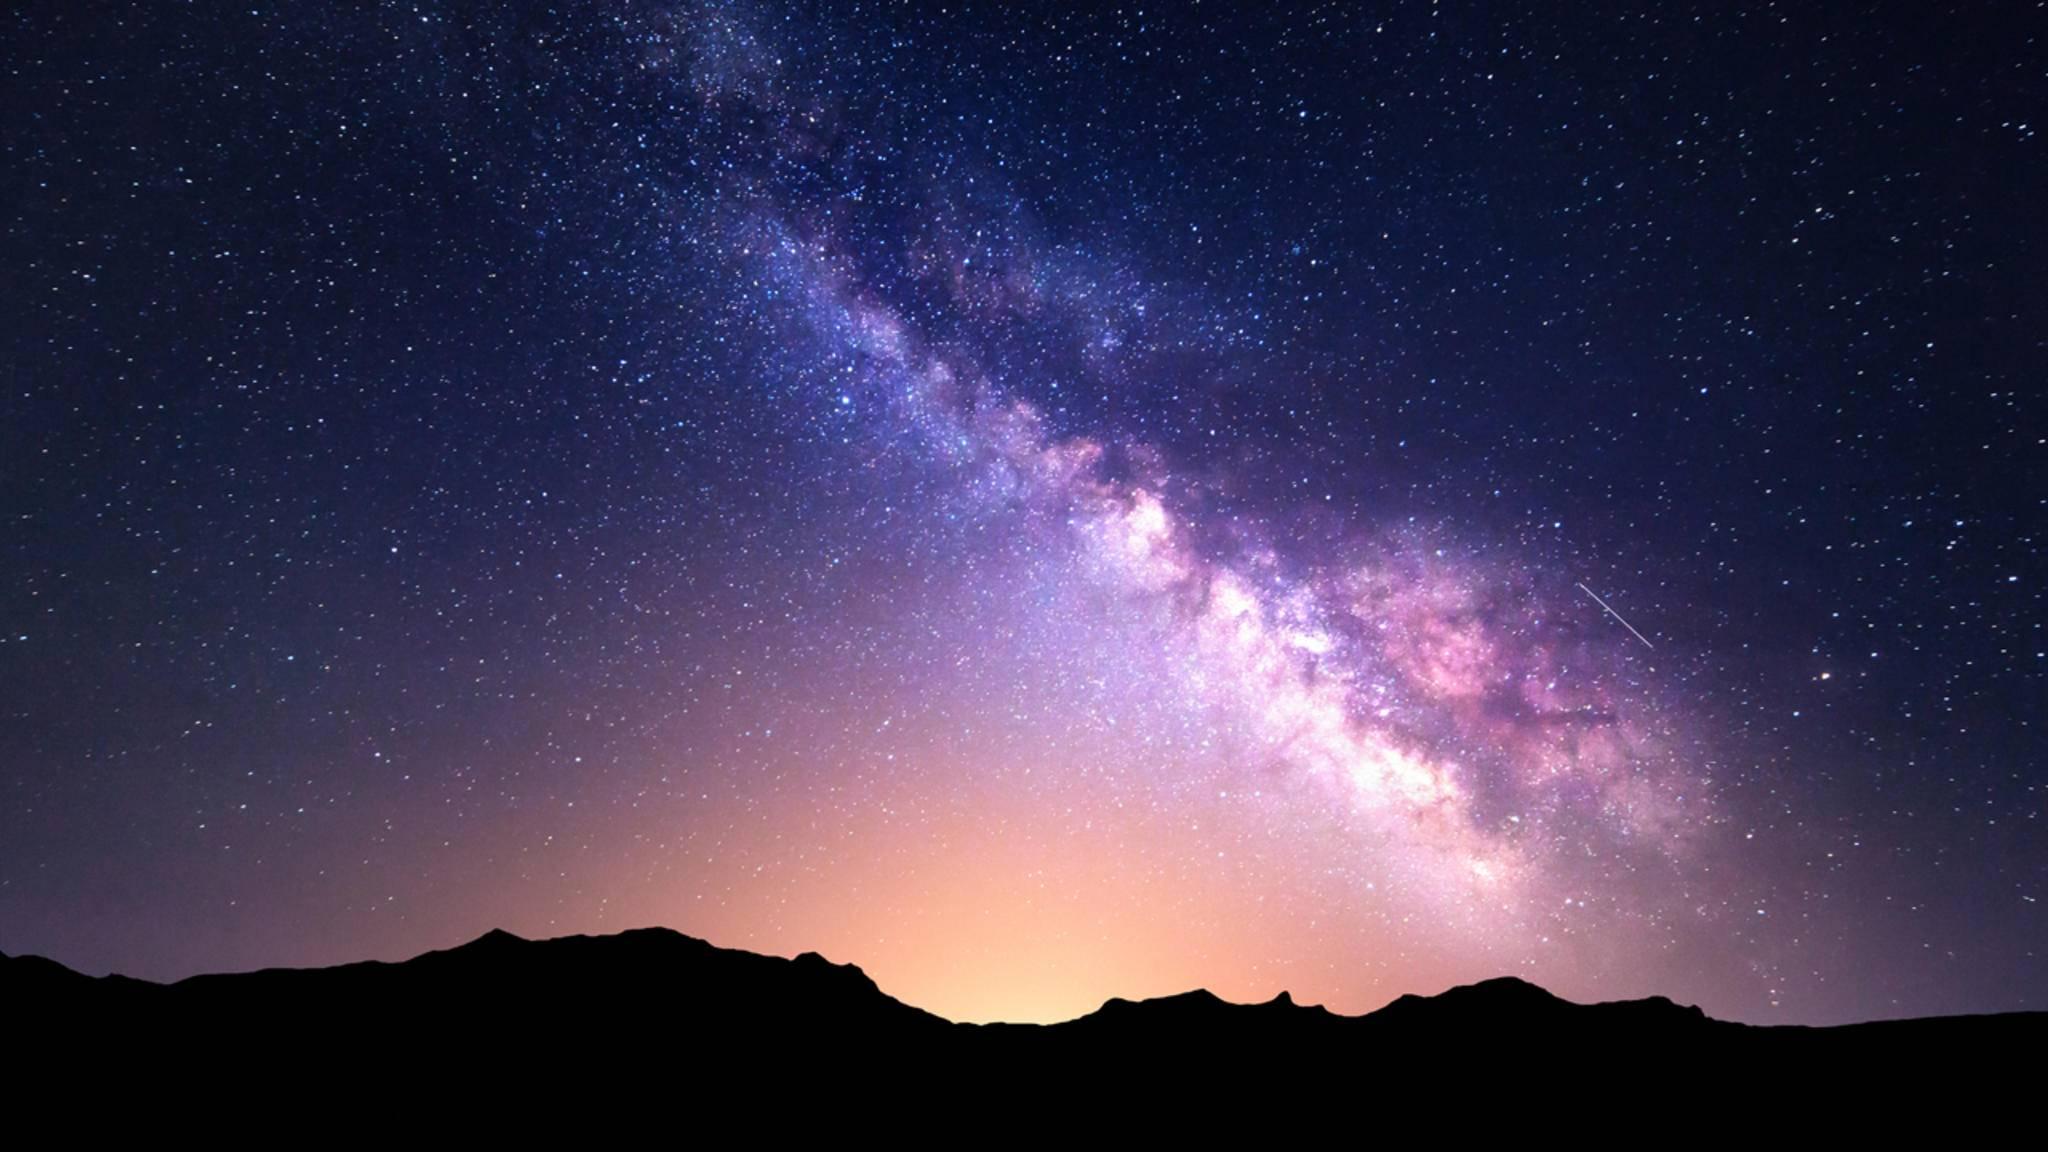 Den Zauber der Milchstraße auf ein Foto zu bannen, ist gar nicht so einfach. Hier findest Du wertvolle Tipps!